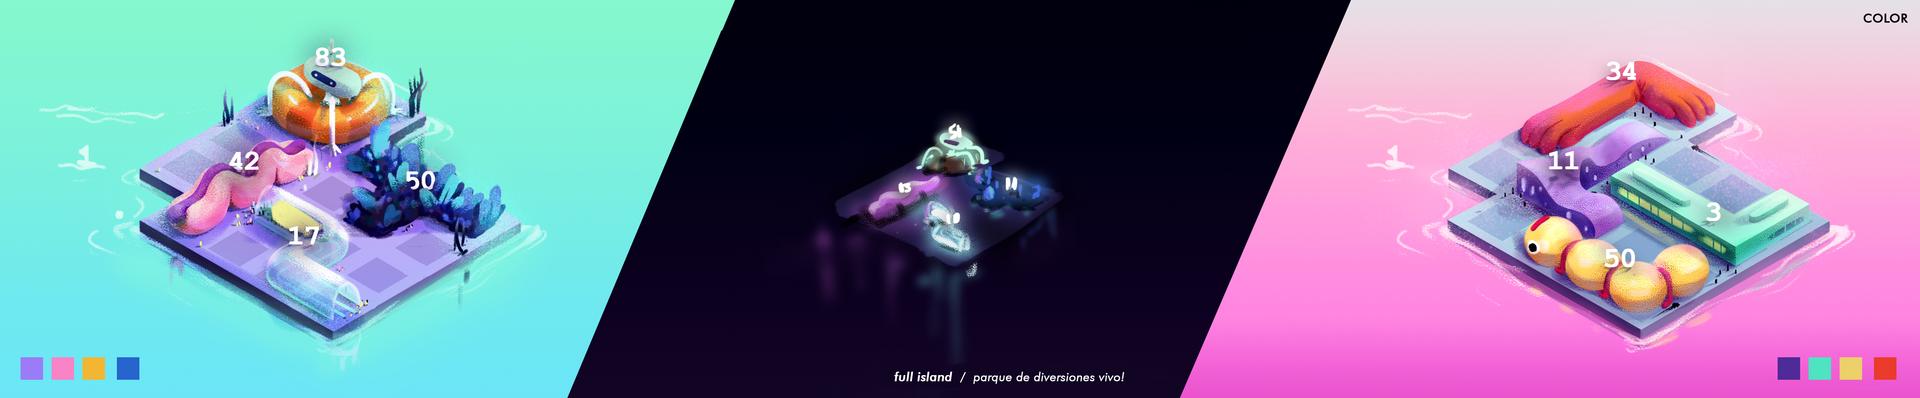 Process / Color Concepts